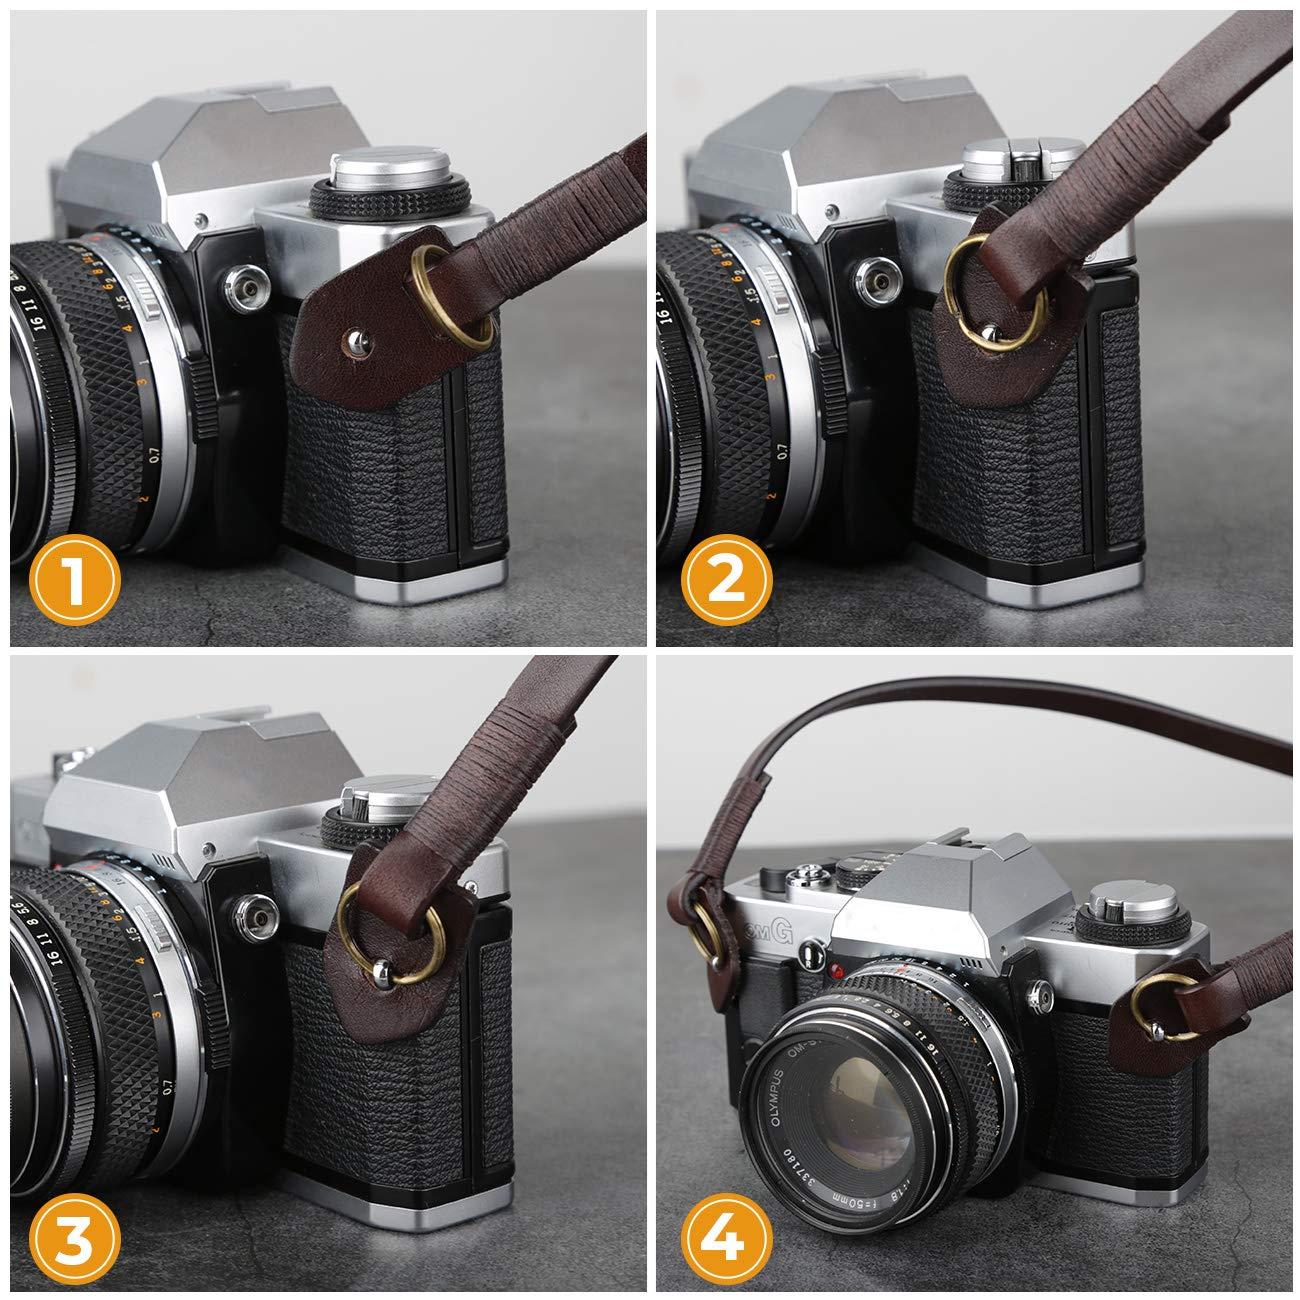 TARION Camera Strap Leather Vintage DSLR Camera Neck Straps Belt Handmade Genuine Leather Film Camera Shoulder Strap Cord Long Slim Thin for SLR Mirrorless Cameras L3 Black